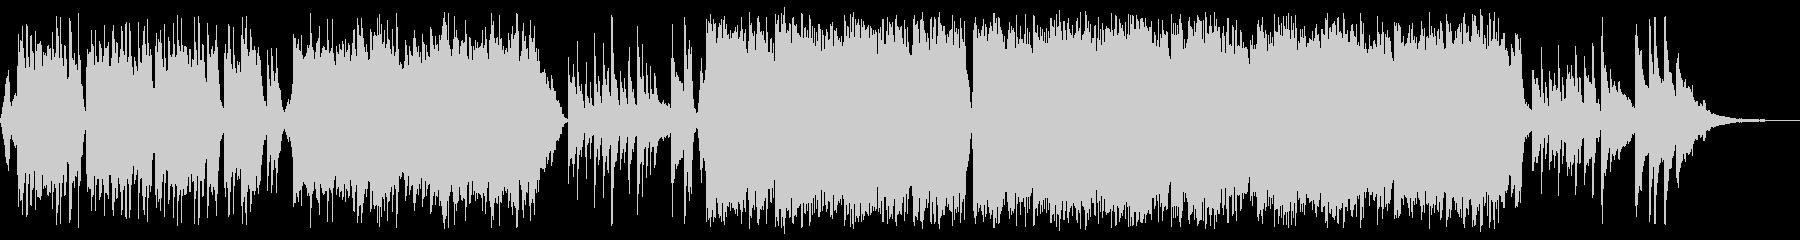 感動的な琴とチェロの和風バラードbの未再生の波形